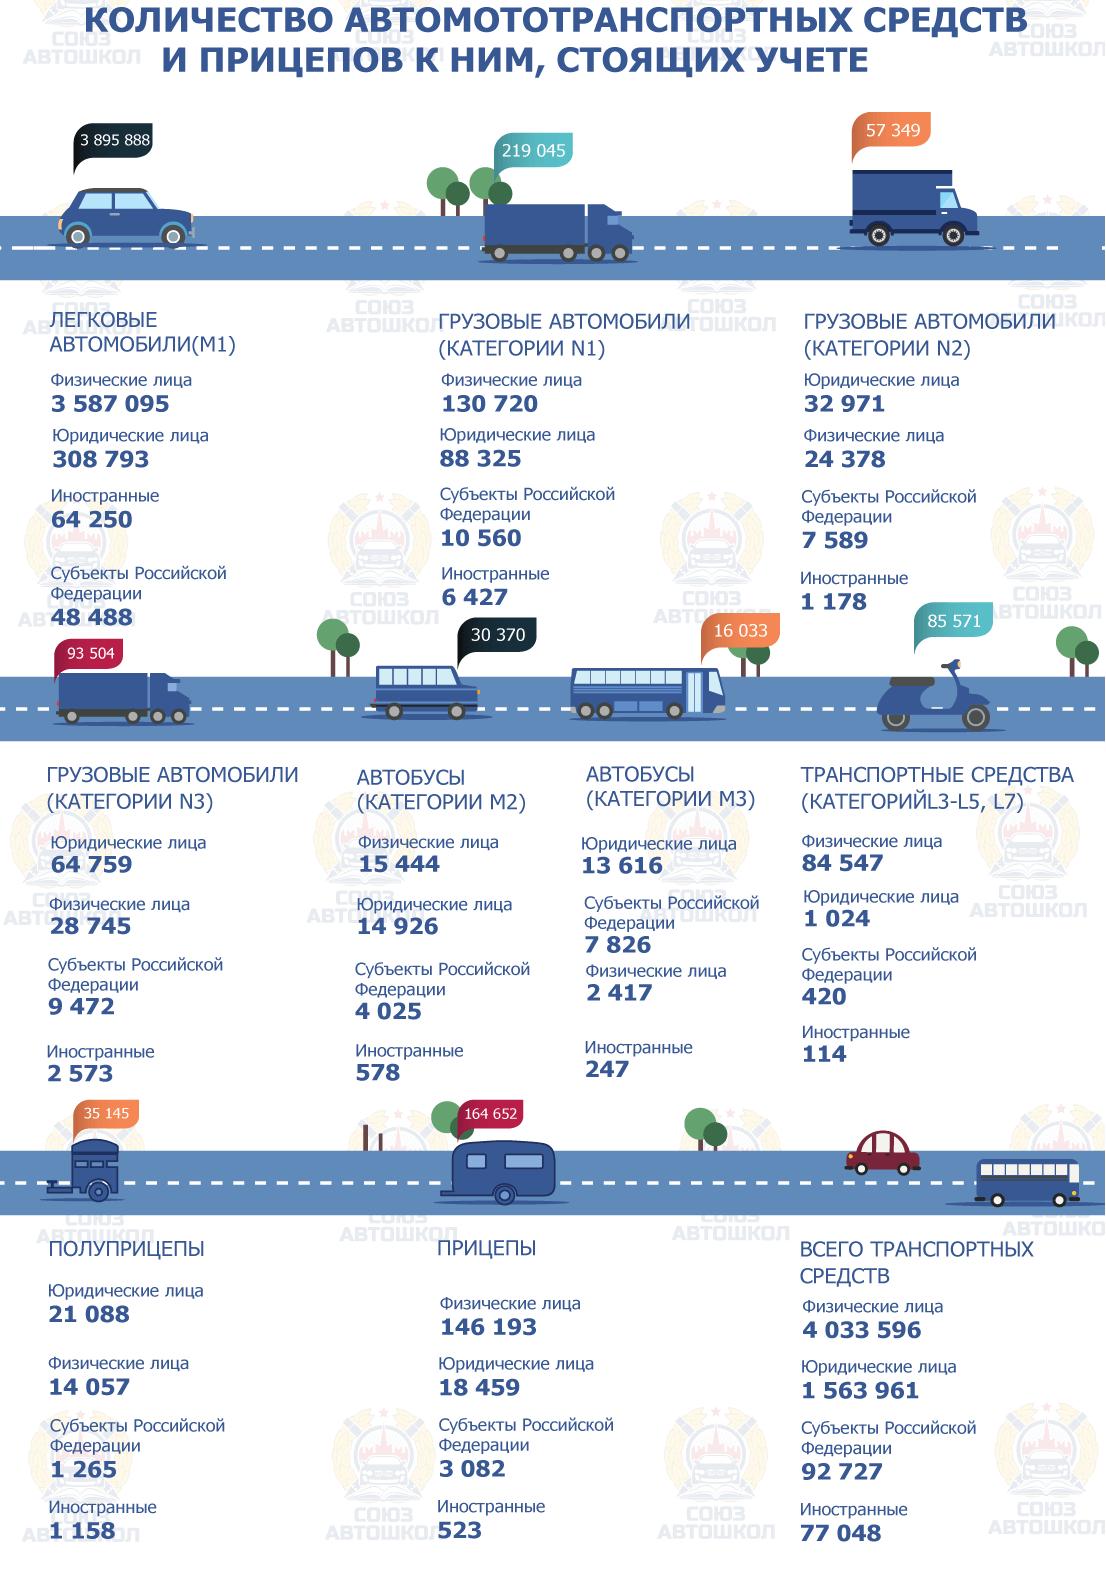 Инфографика от «Союза Автошкол» о количестве автомототранспортных средств и прицепов к ним, стоящих на учете